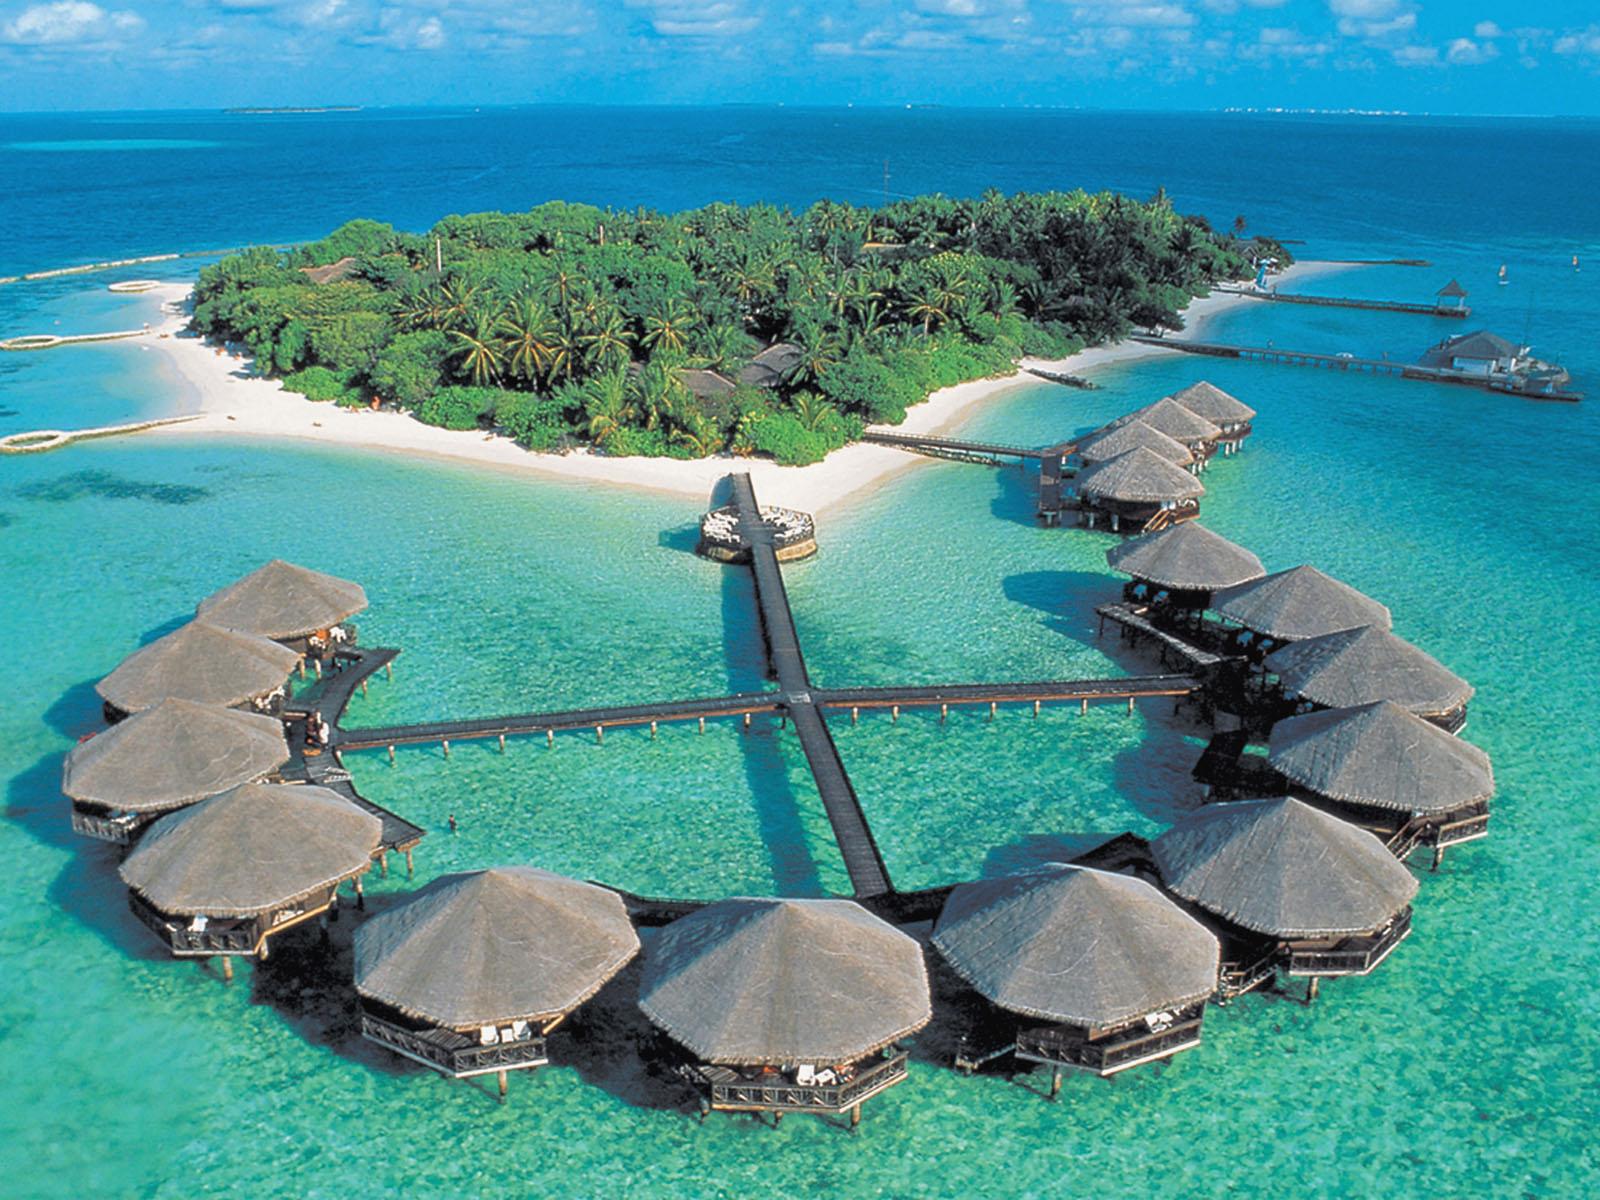 Maldivi Splosne Informacje Vreme Zemljevid